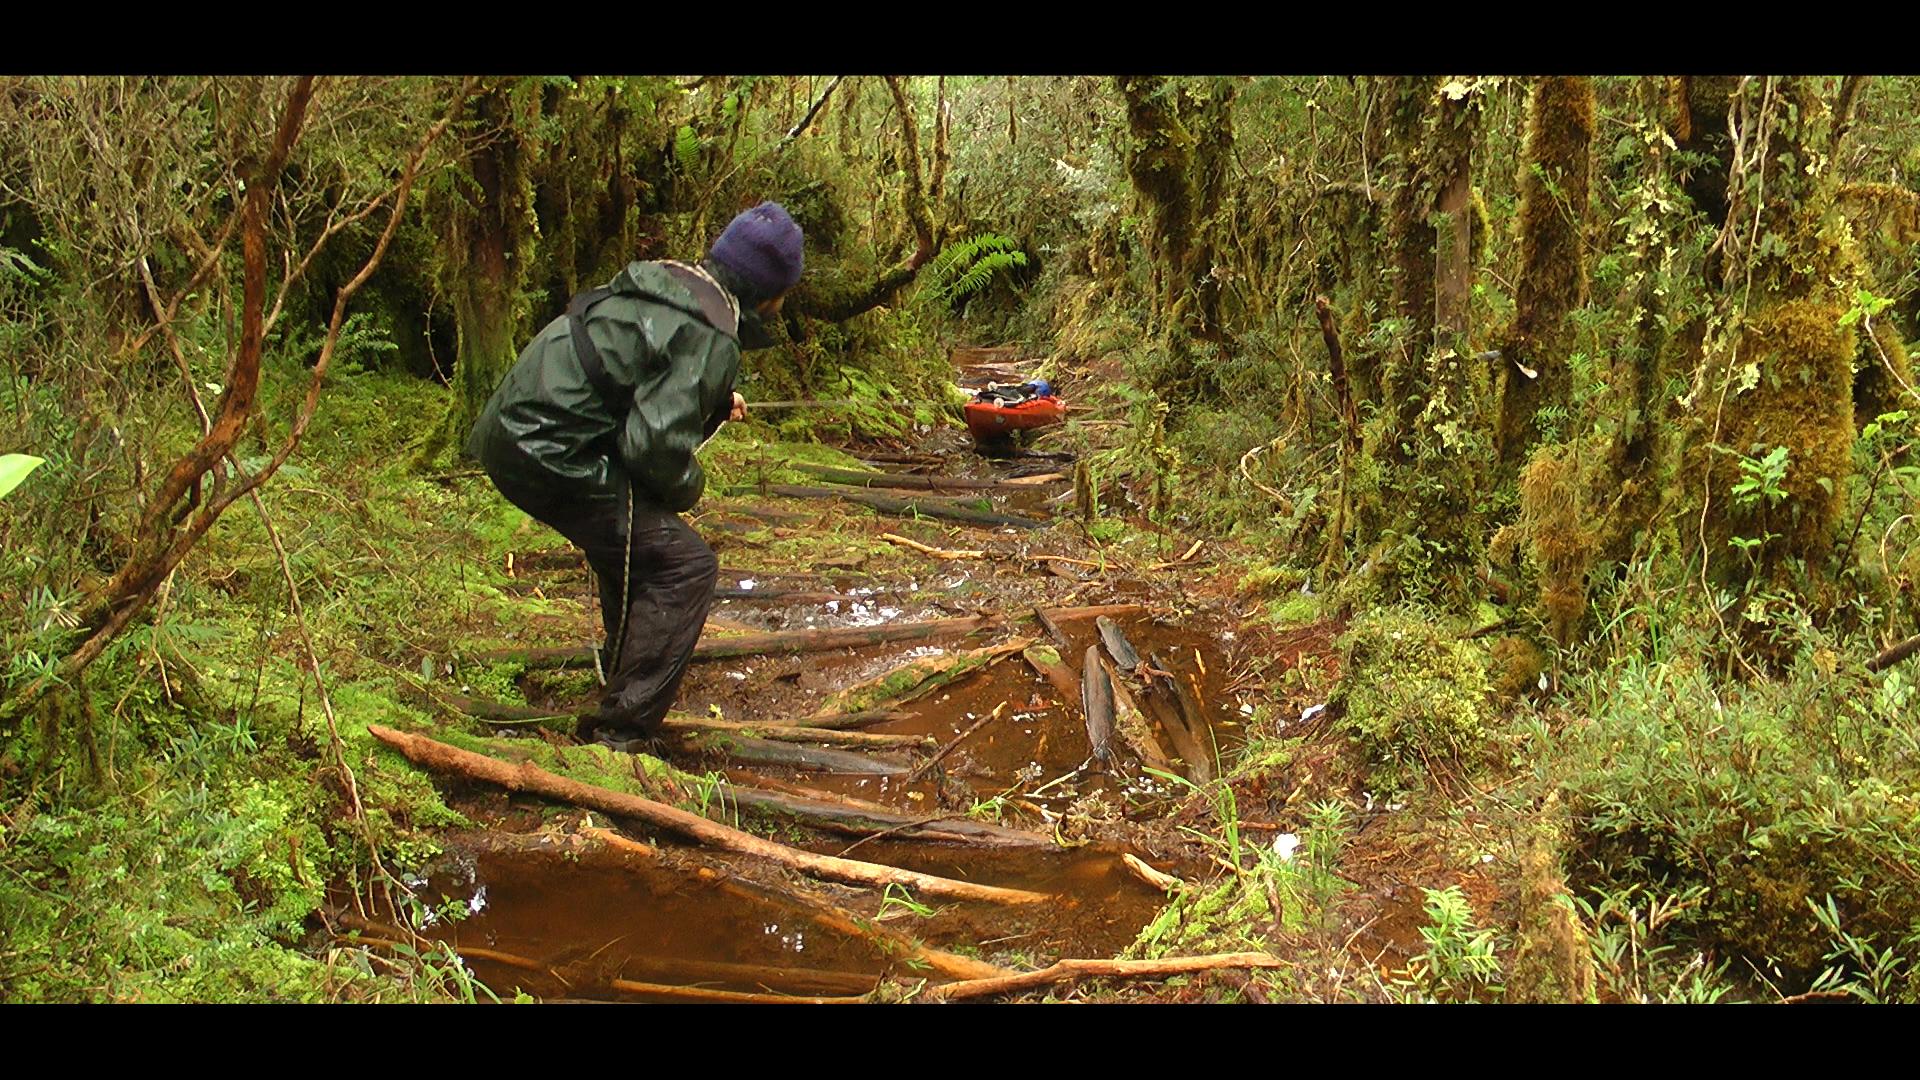 Exploración Katalalixar. Paso del Indio. Foto: Rodrigo Poliche.